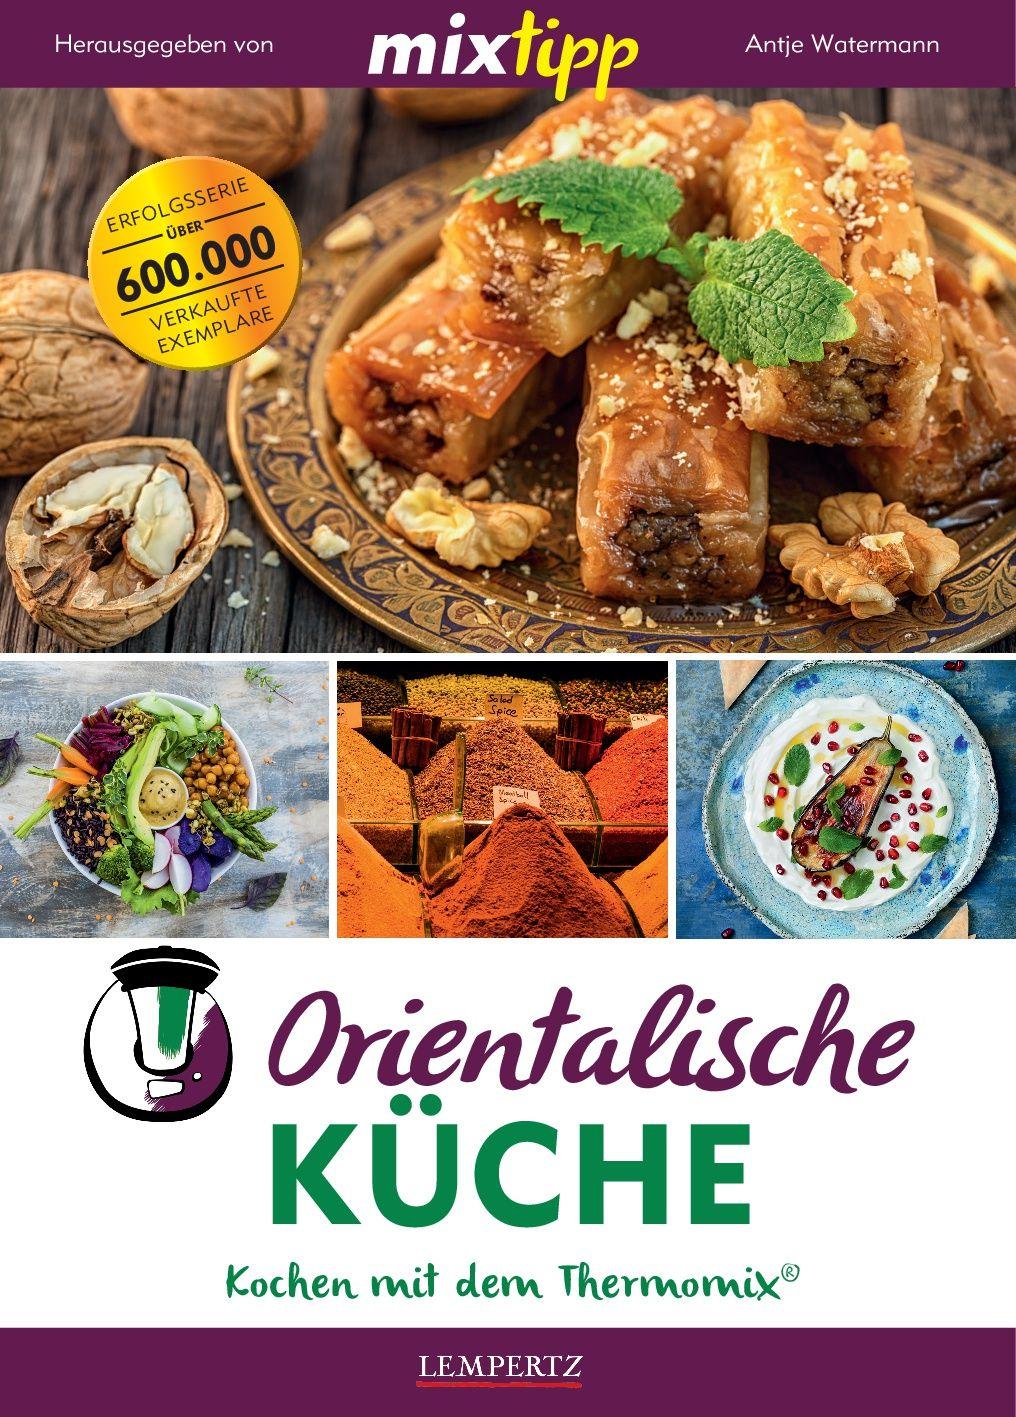 mixtipp: Orientalische Küche von König, Britta: Kochen mit dem Therm